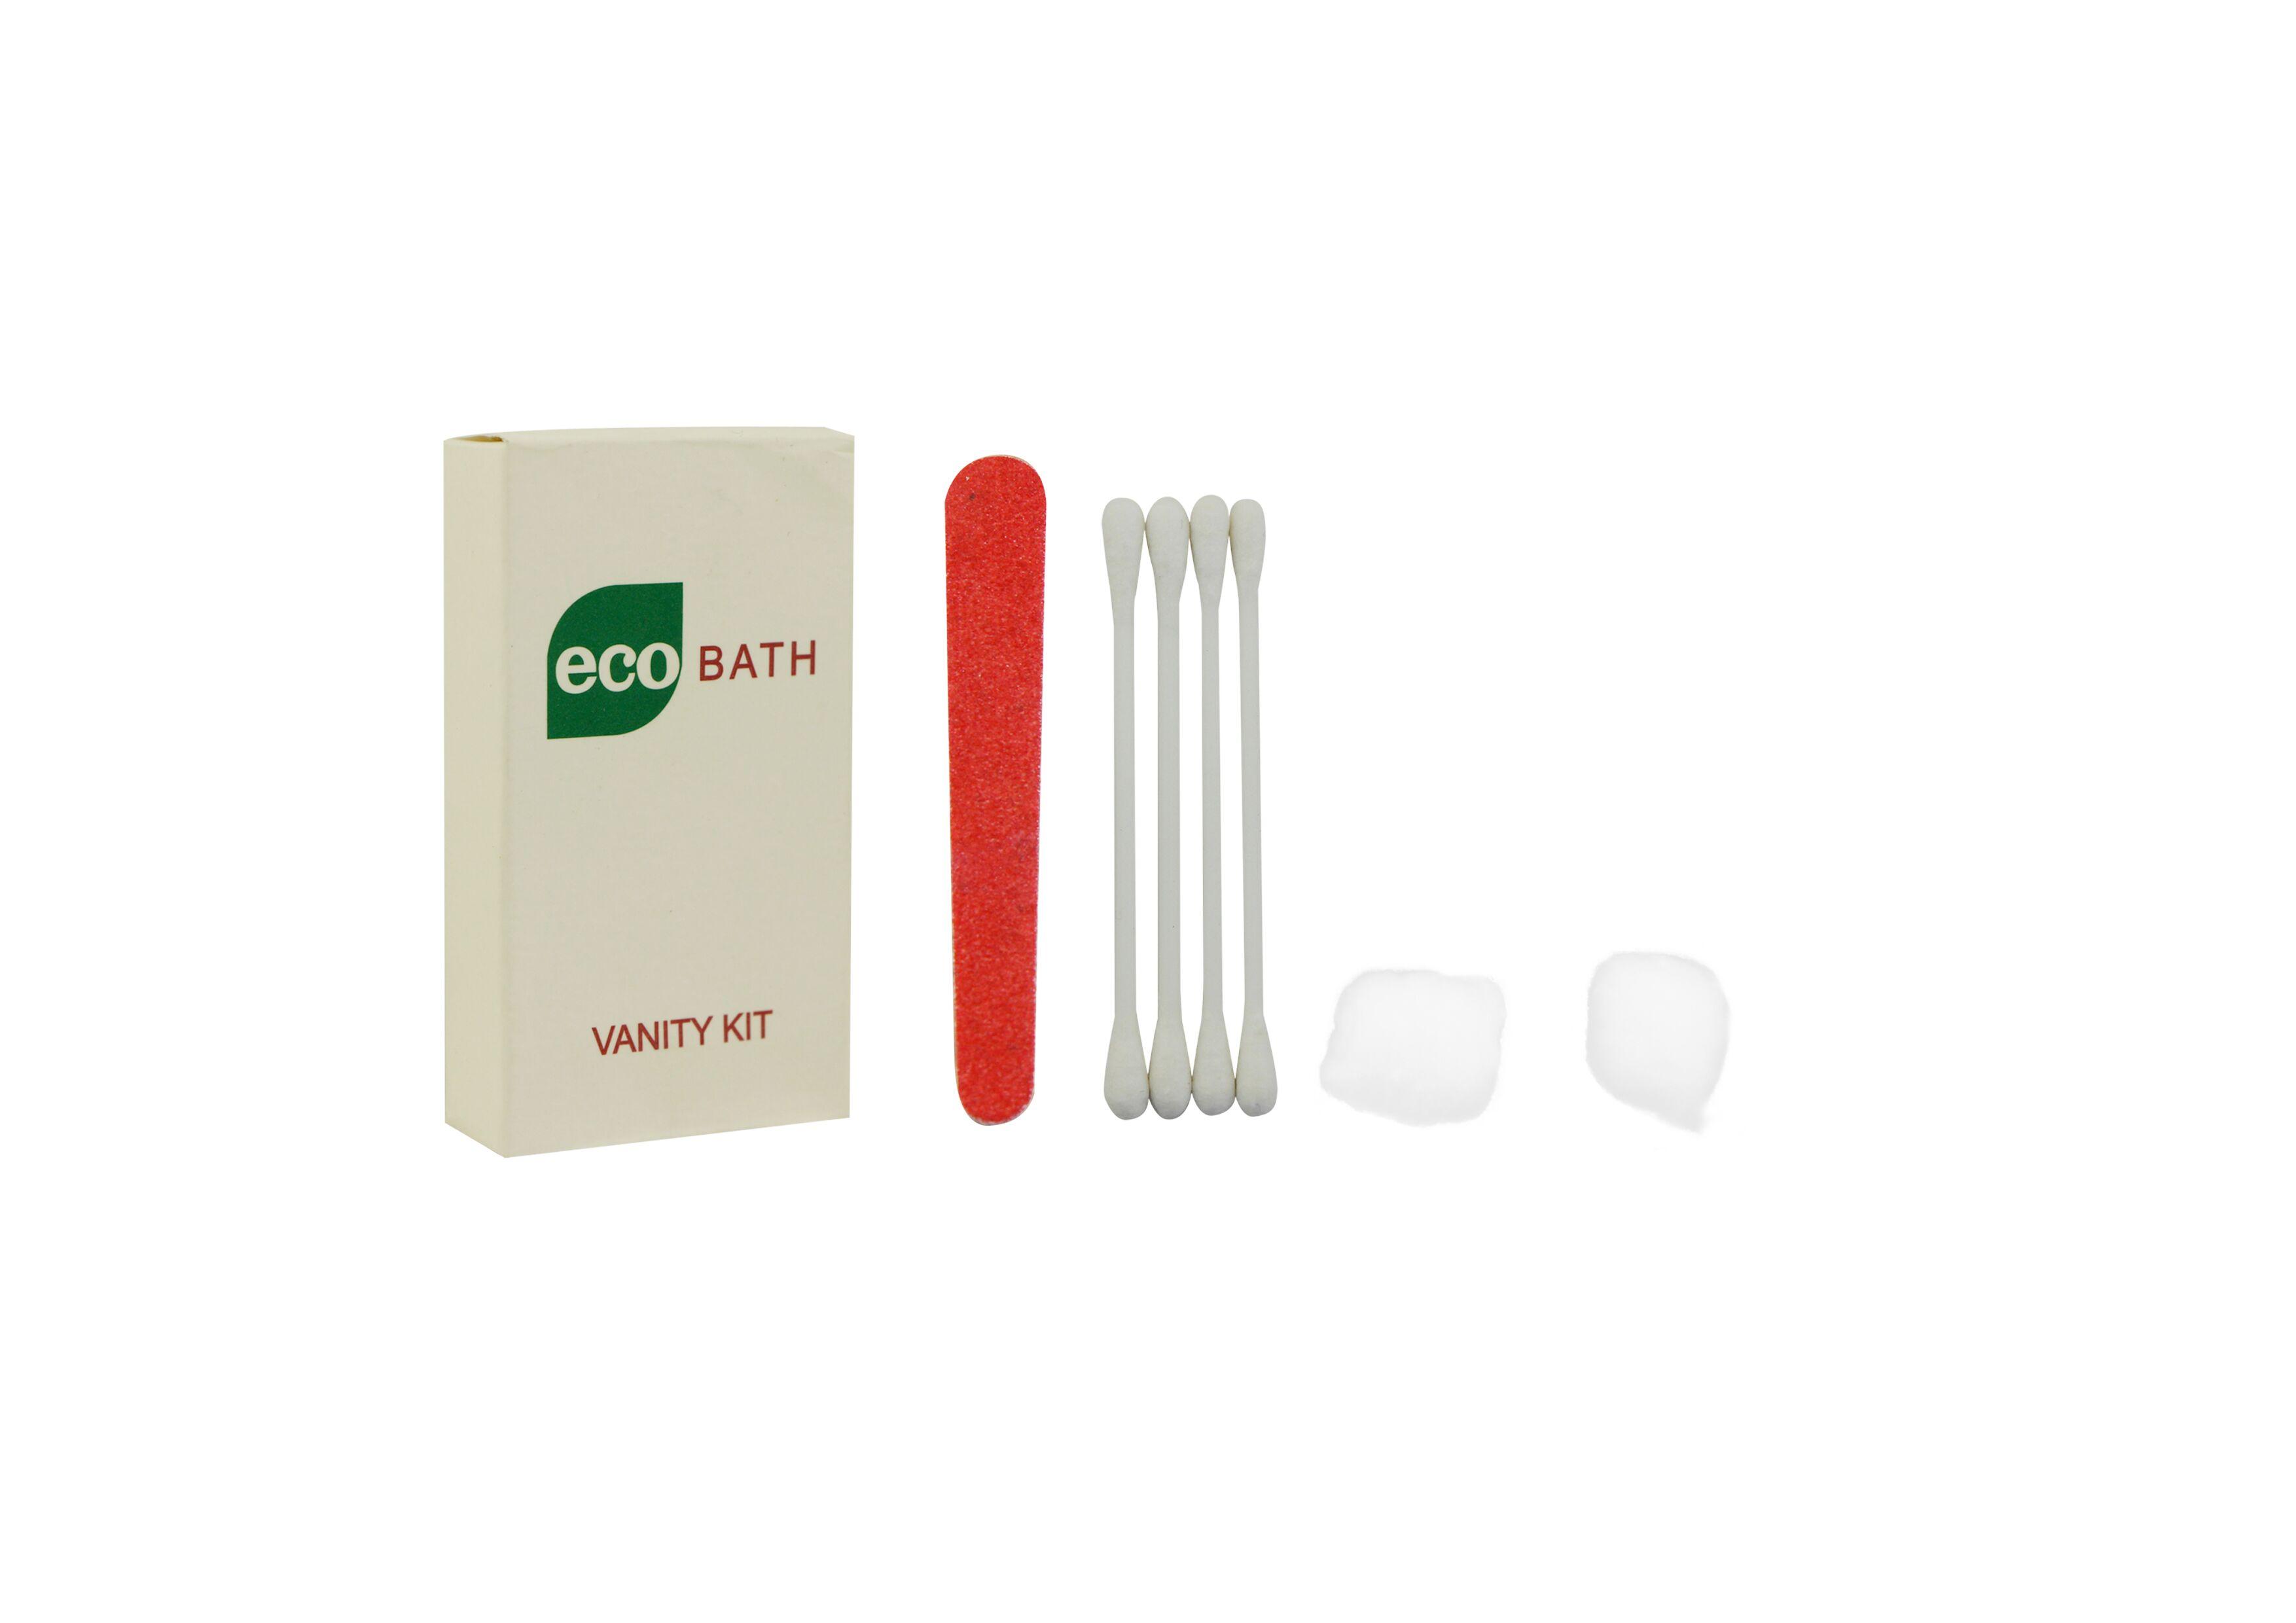 Eco Bath Vanity Kit Auspacific Group